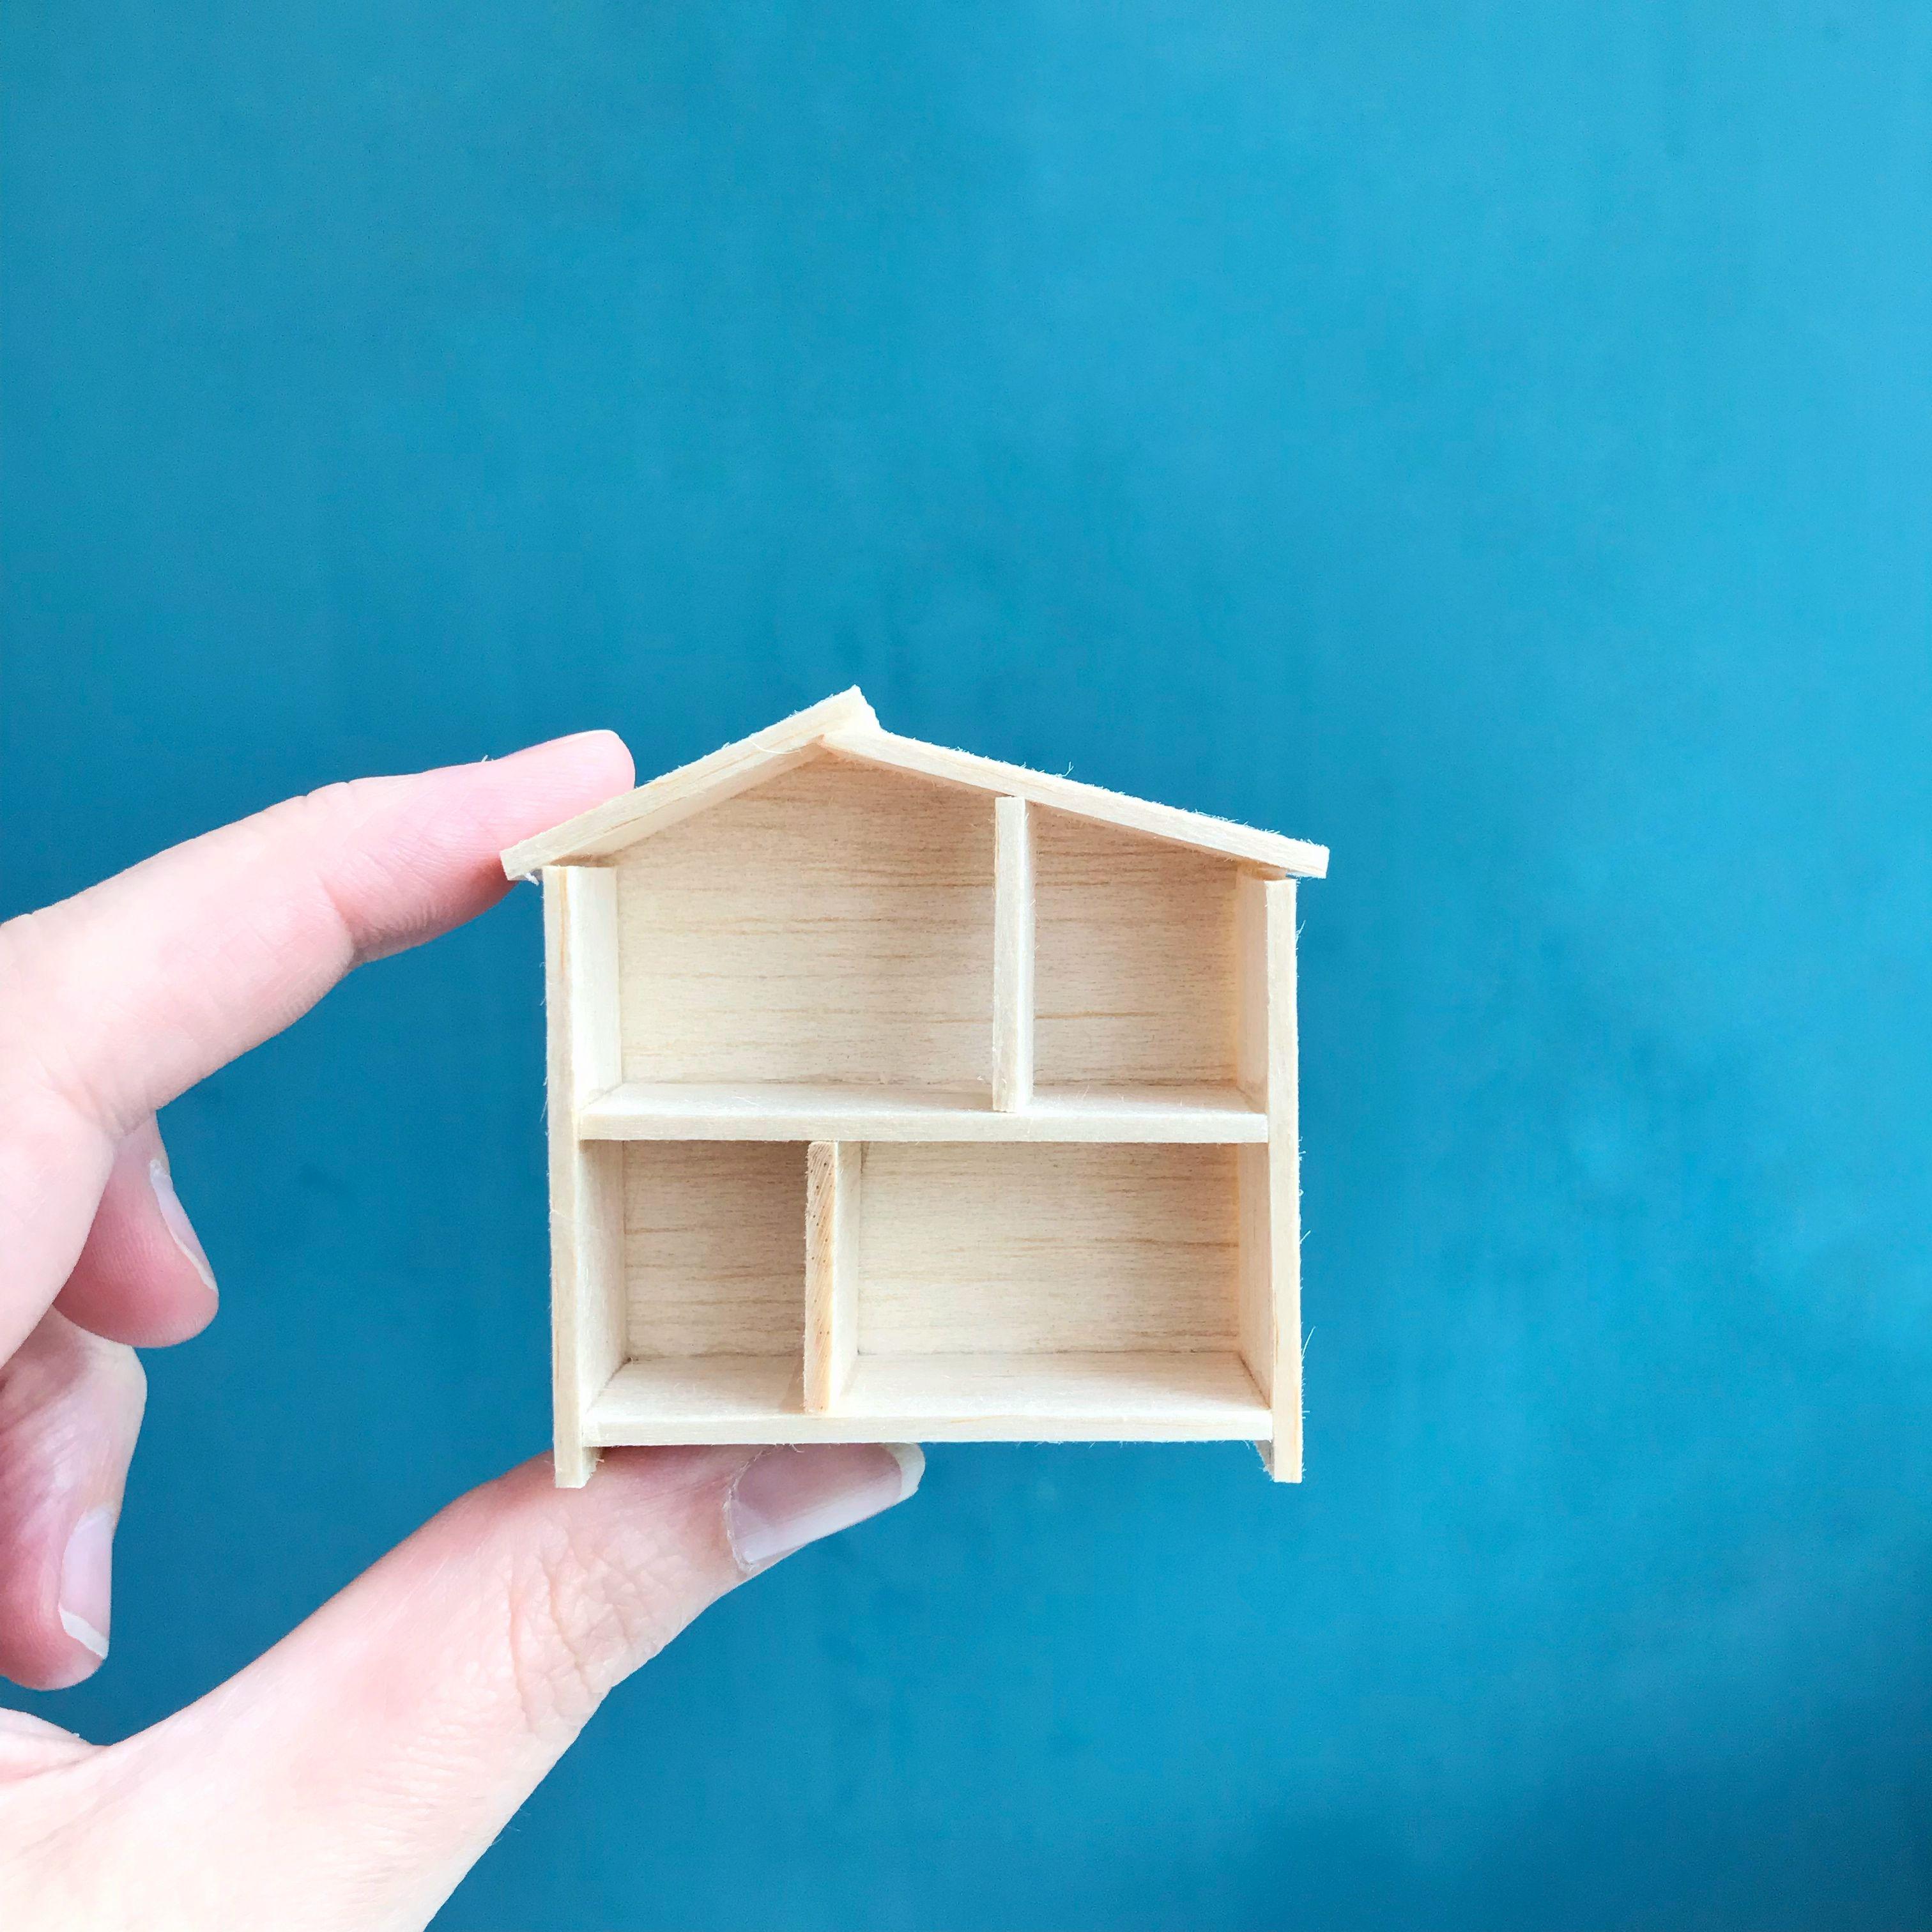 Miniature Ikea dollhouse for your DIY modern dollhouse